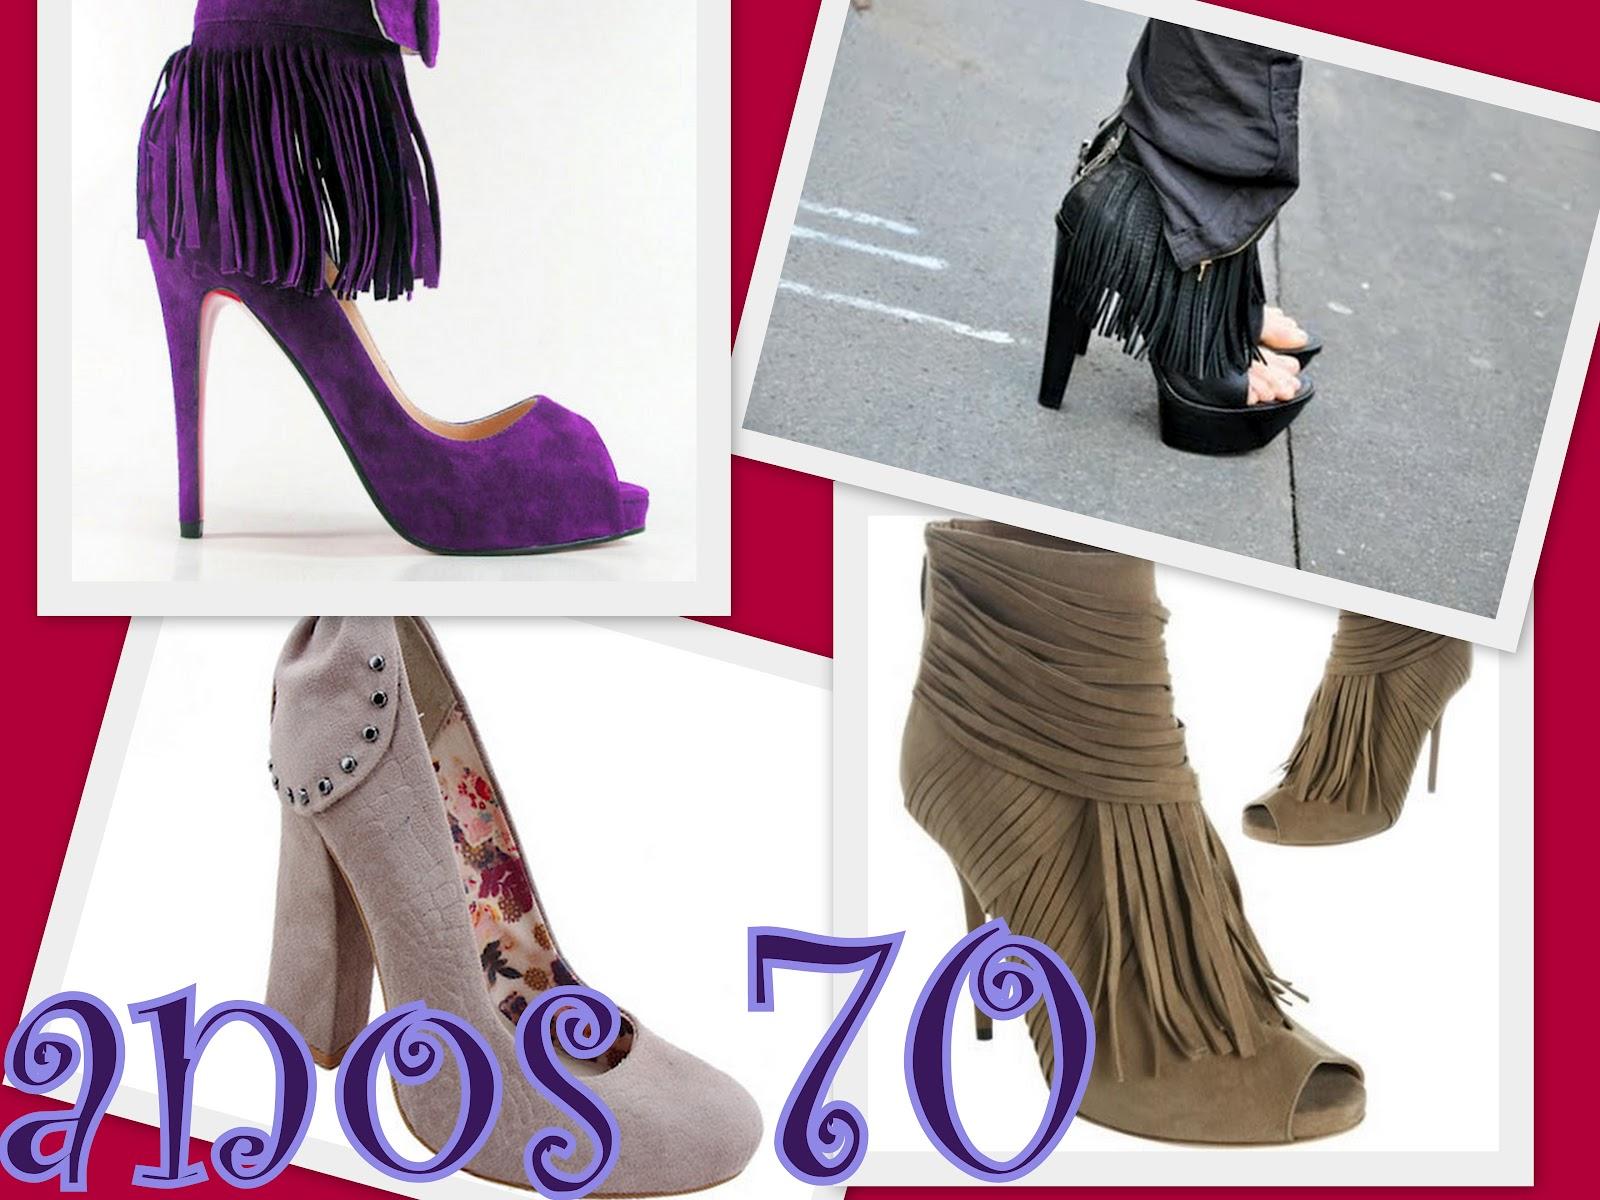 Pequena h sapatos 2012 - Estilismo anos 70 ...